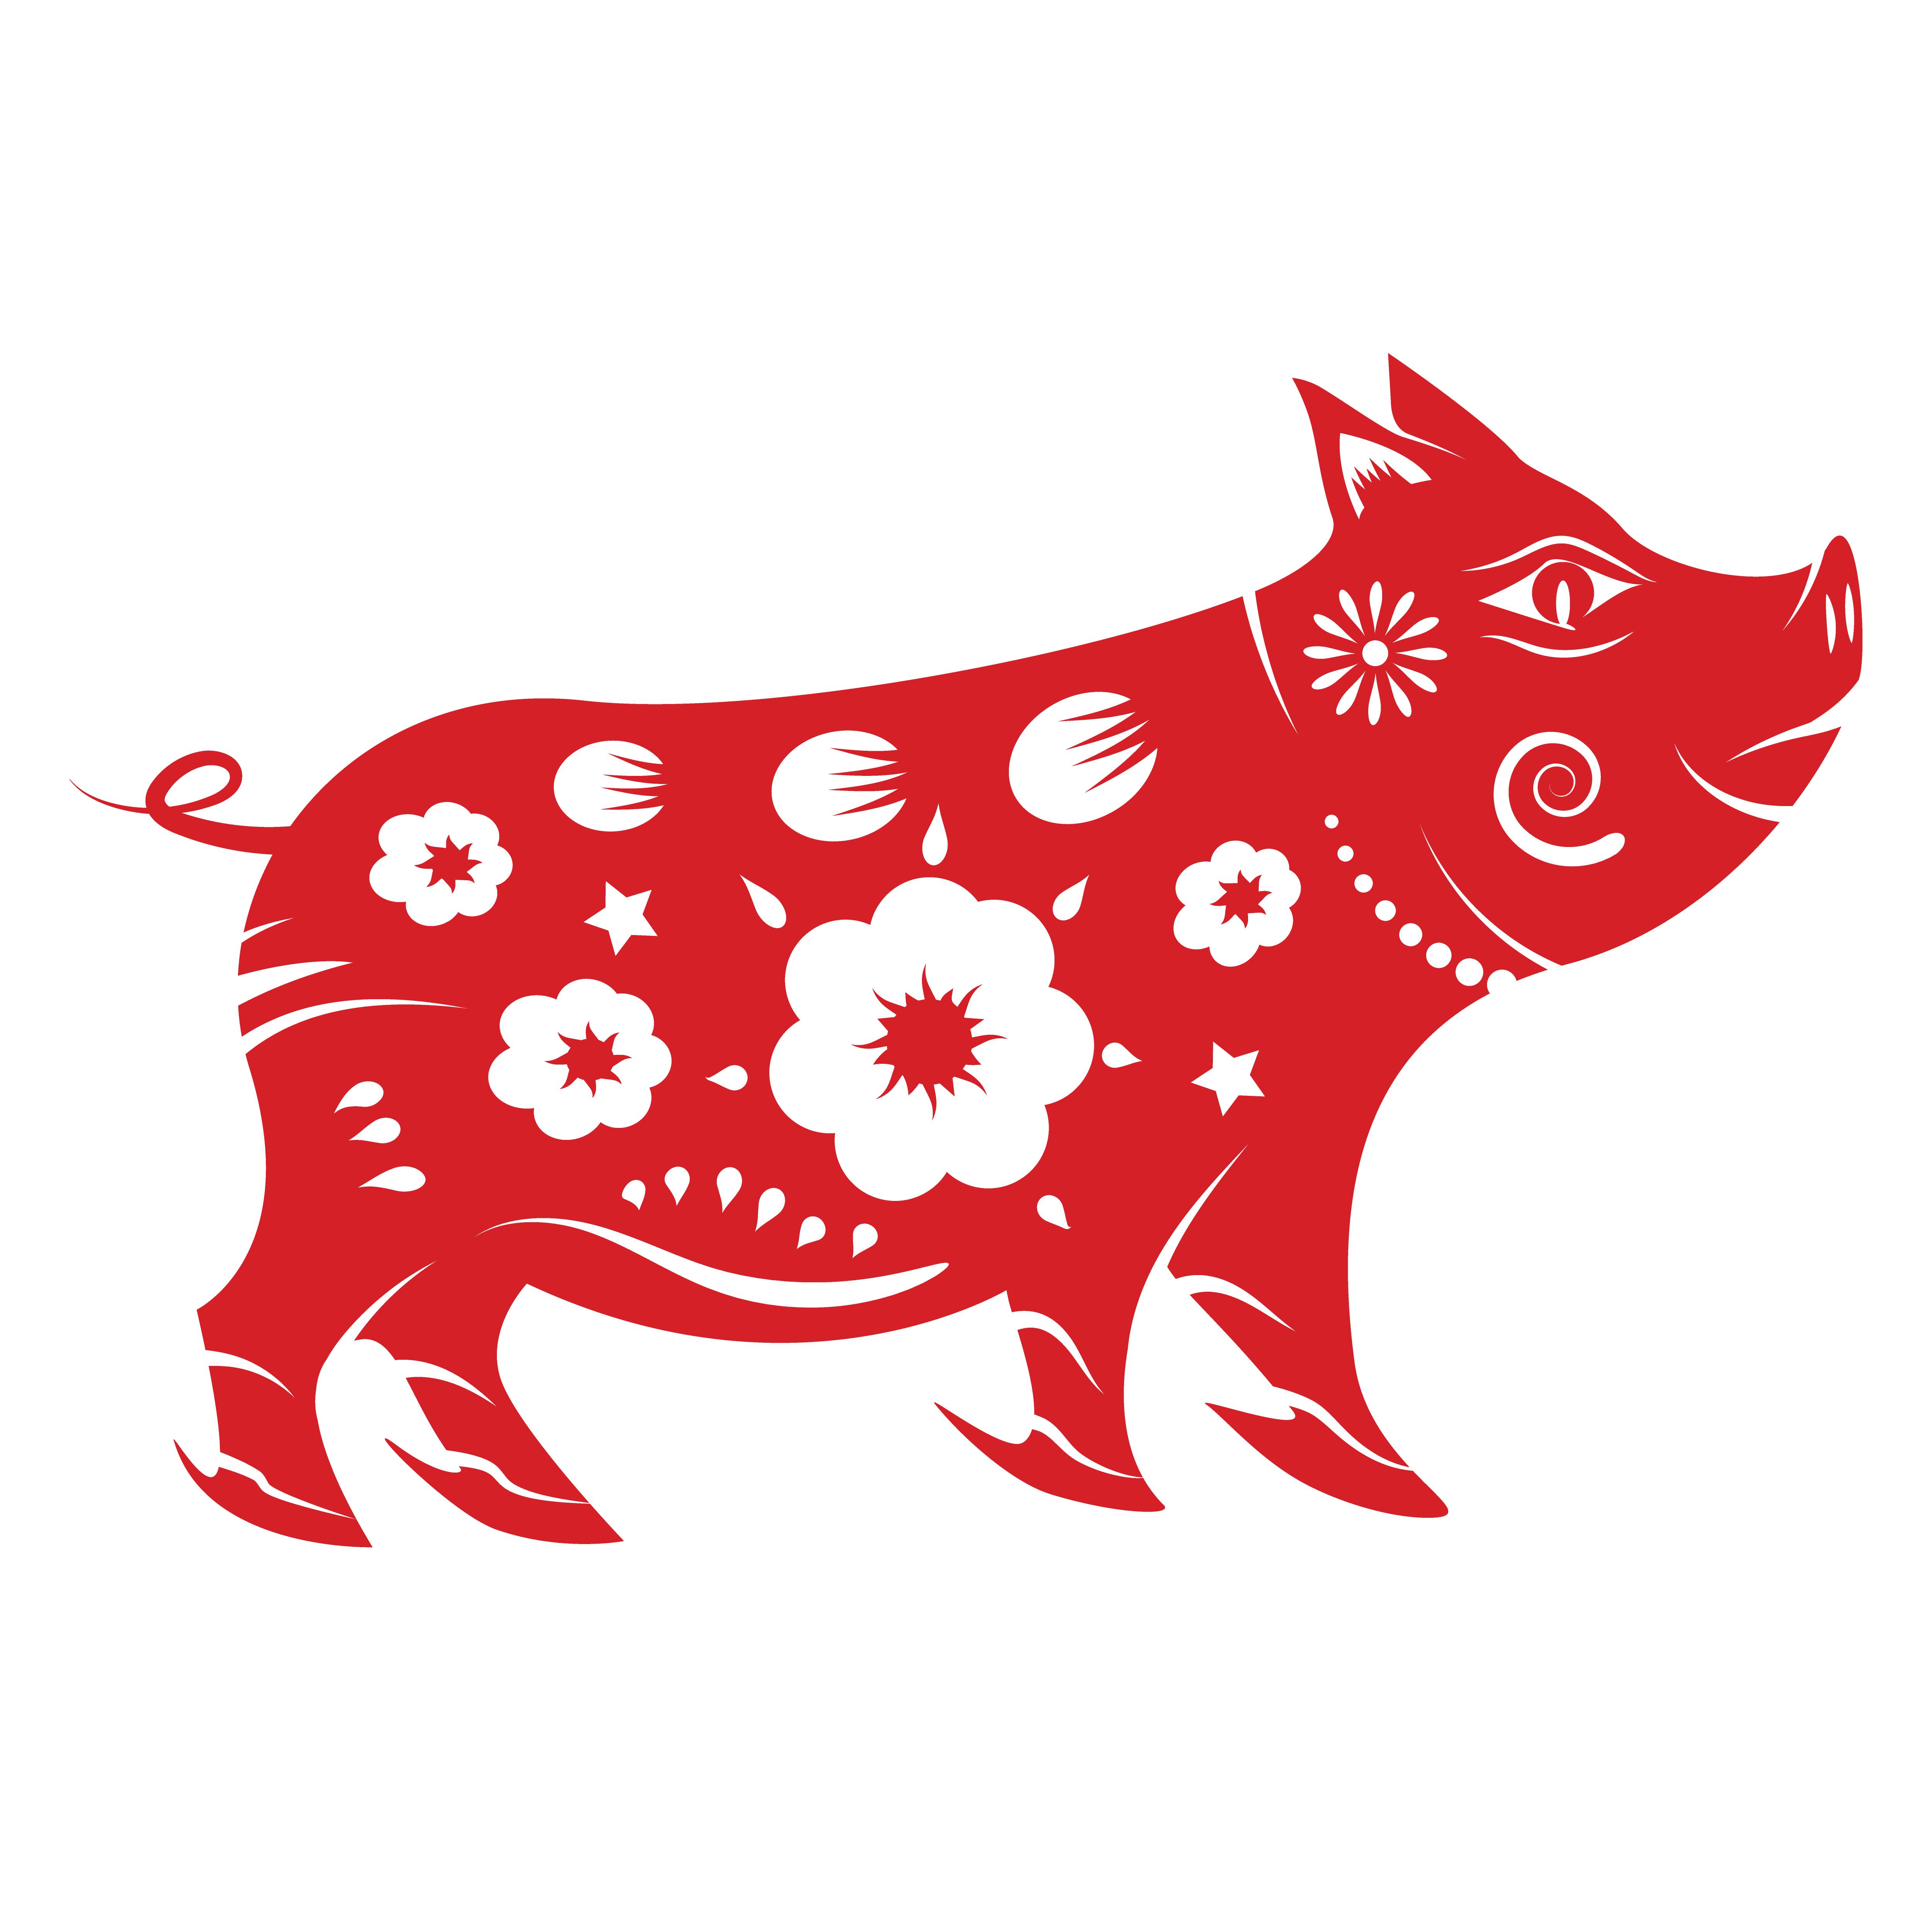 Oroscopo Cinese Maiale 2019 zodiaco maiale. concetto cinese di nuovo anno 2019. tema di